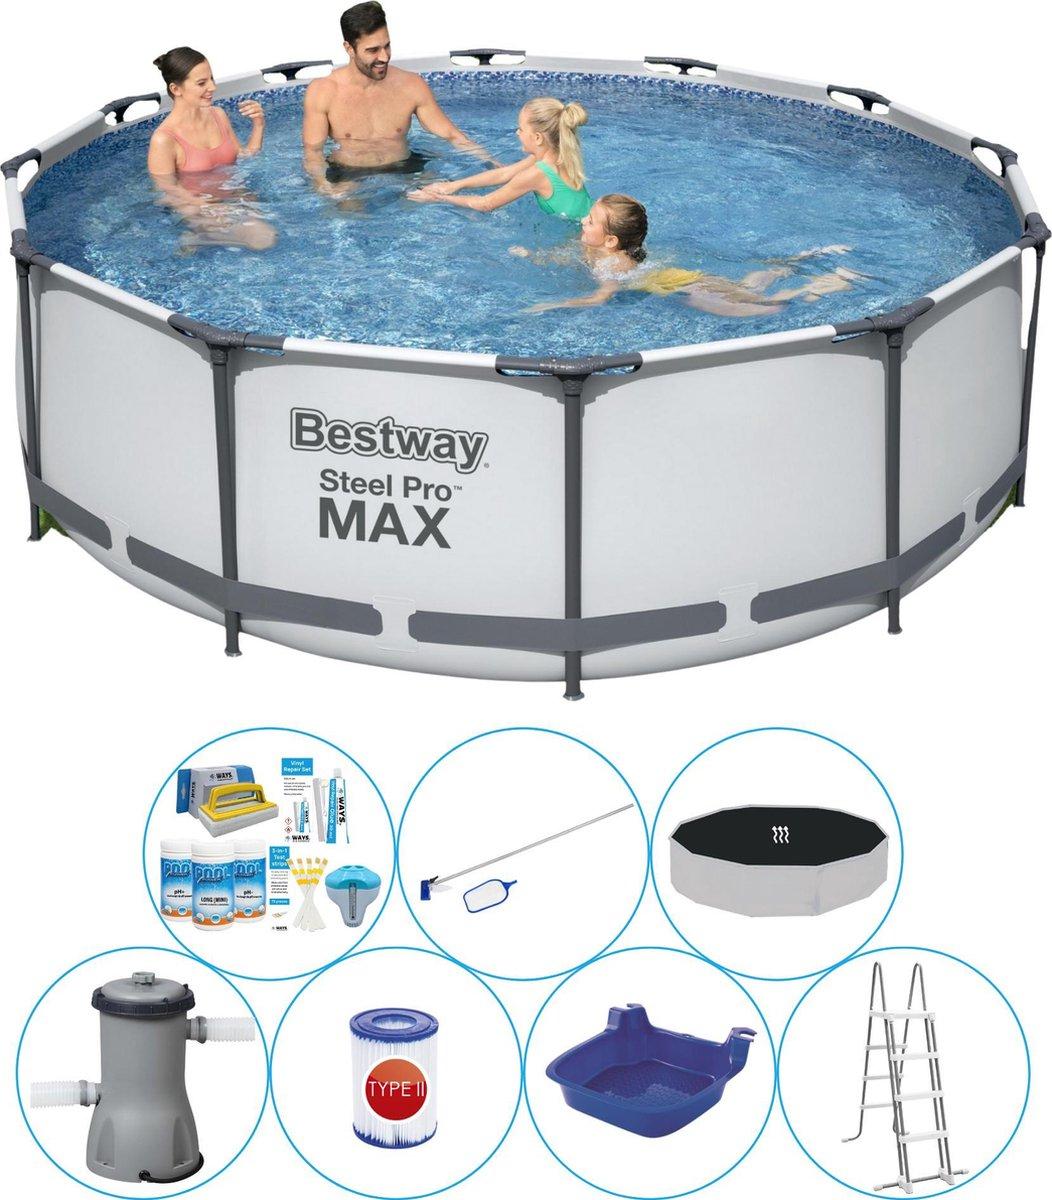 Zwembad Comfort Pakket - Bestway Steel Pro MAX Rond 366x100 cm